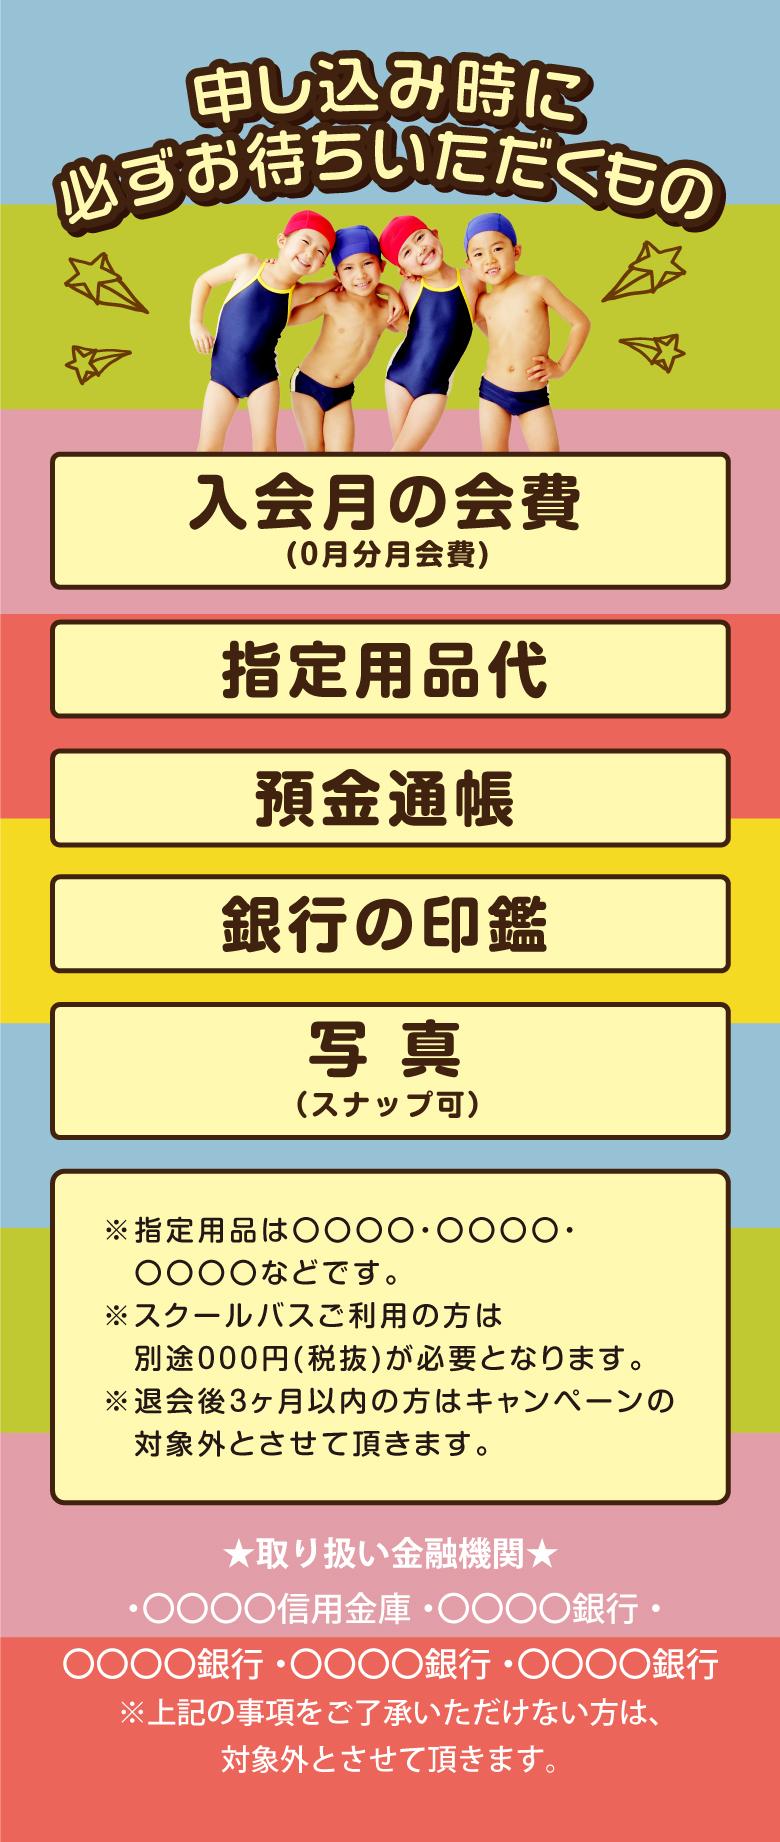 cv-case-ch-20h_d-01-3